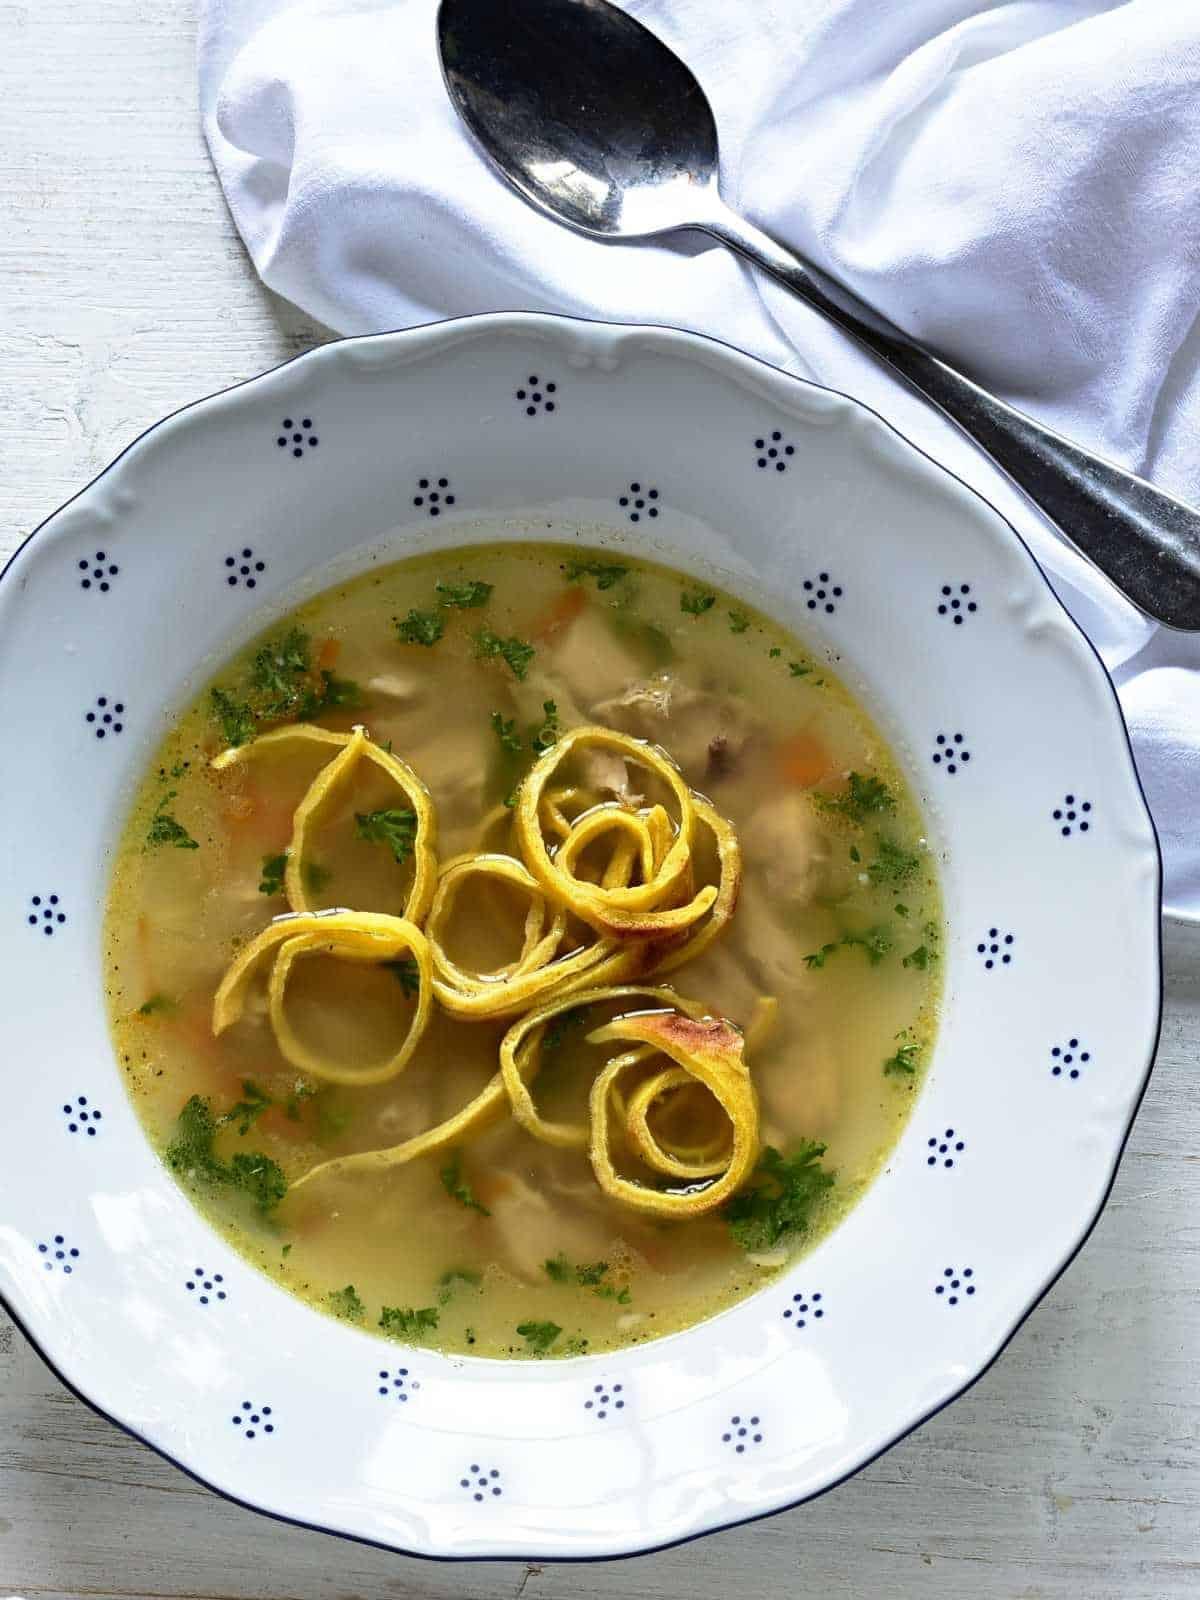 A clear soup with celestýnské nudle insert.